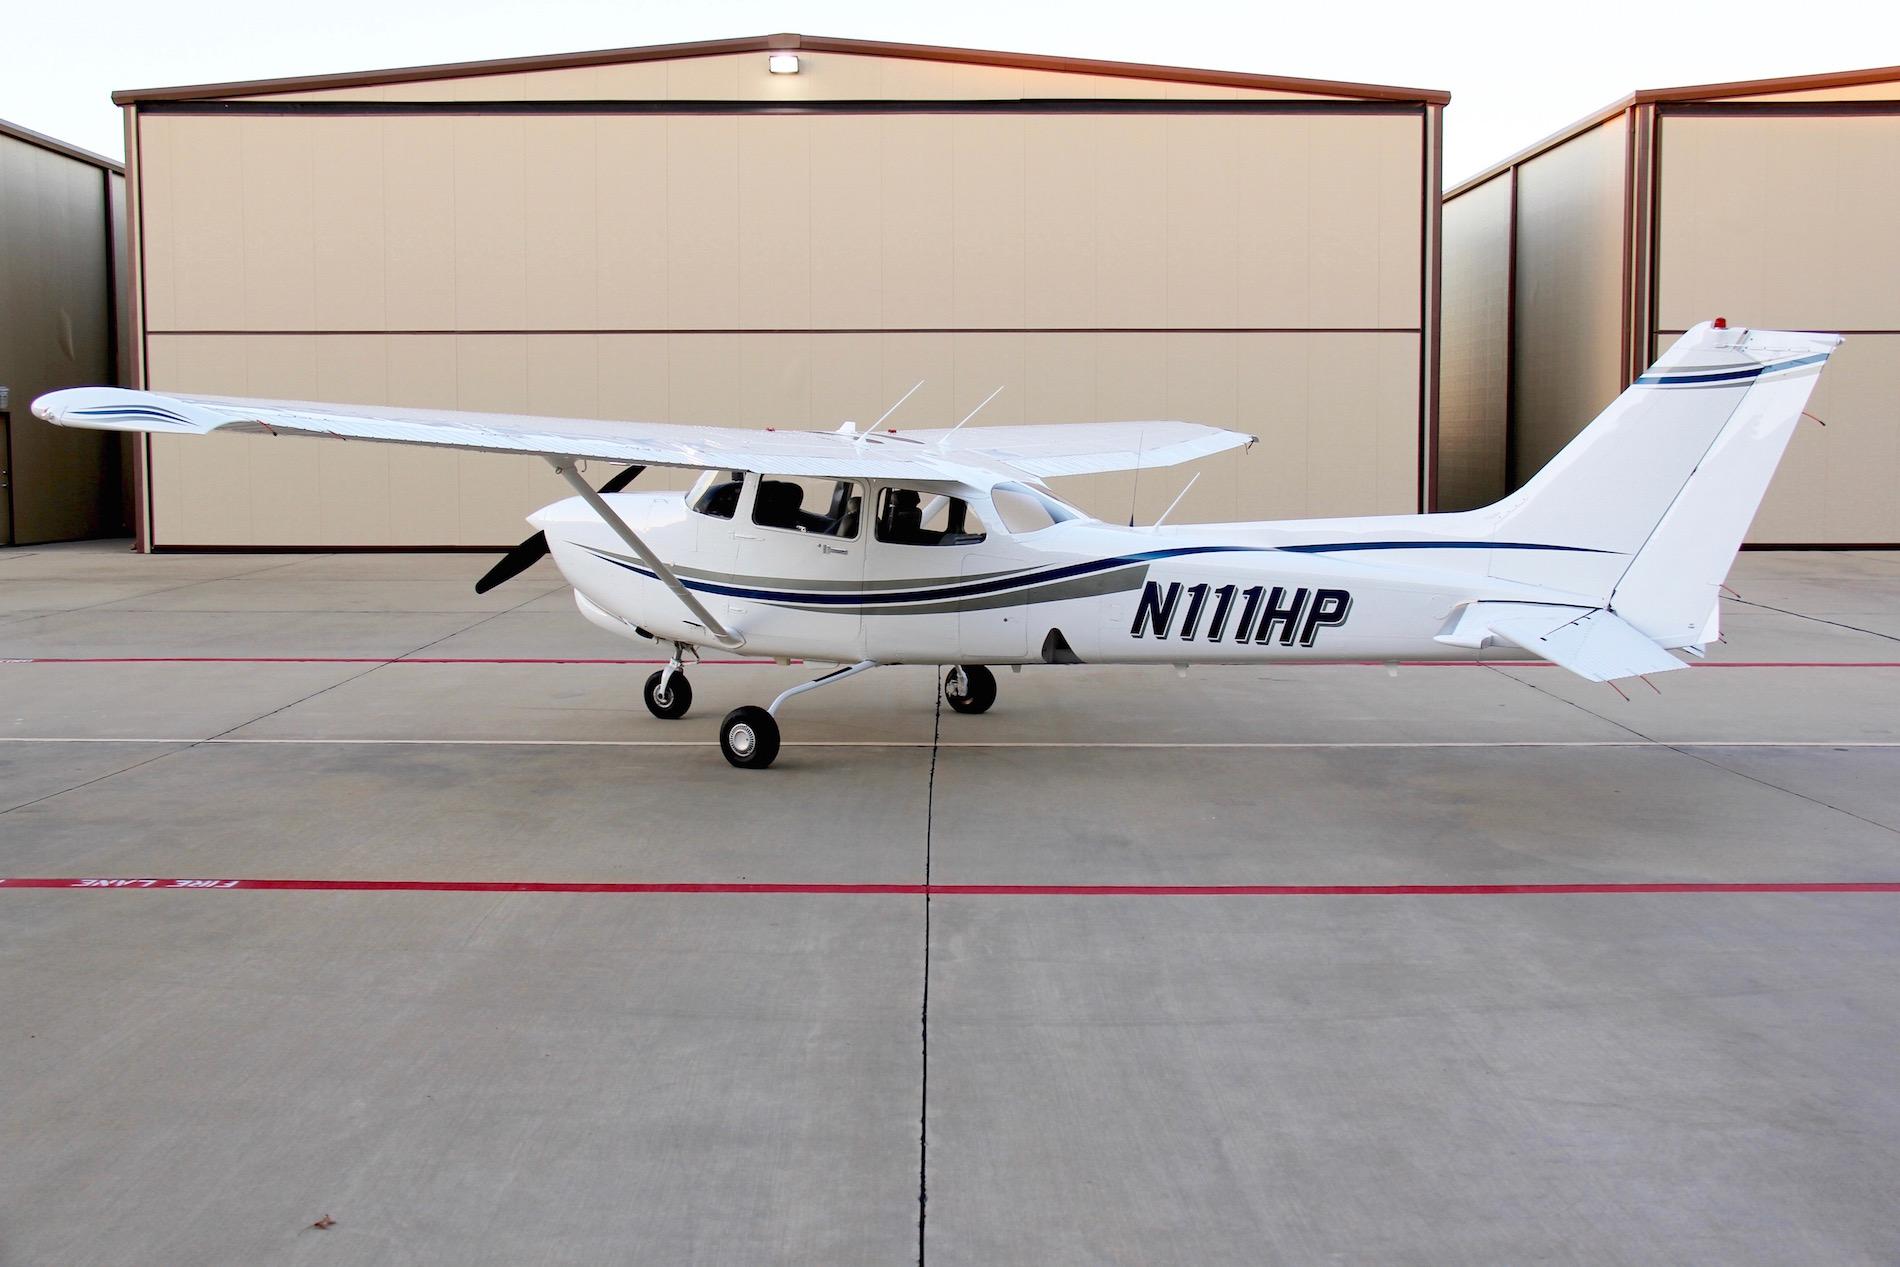 North Texas Aircraft Sales - N111HP